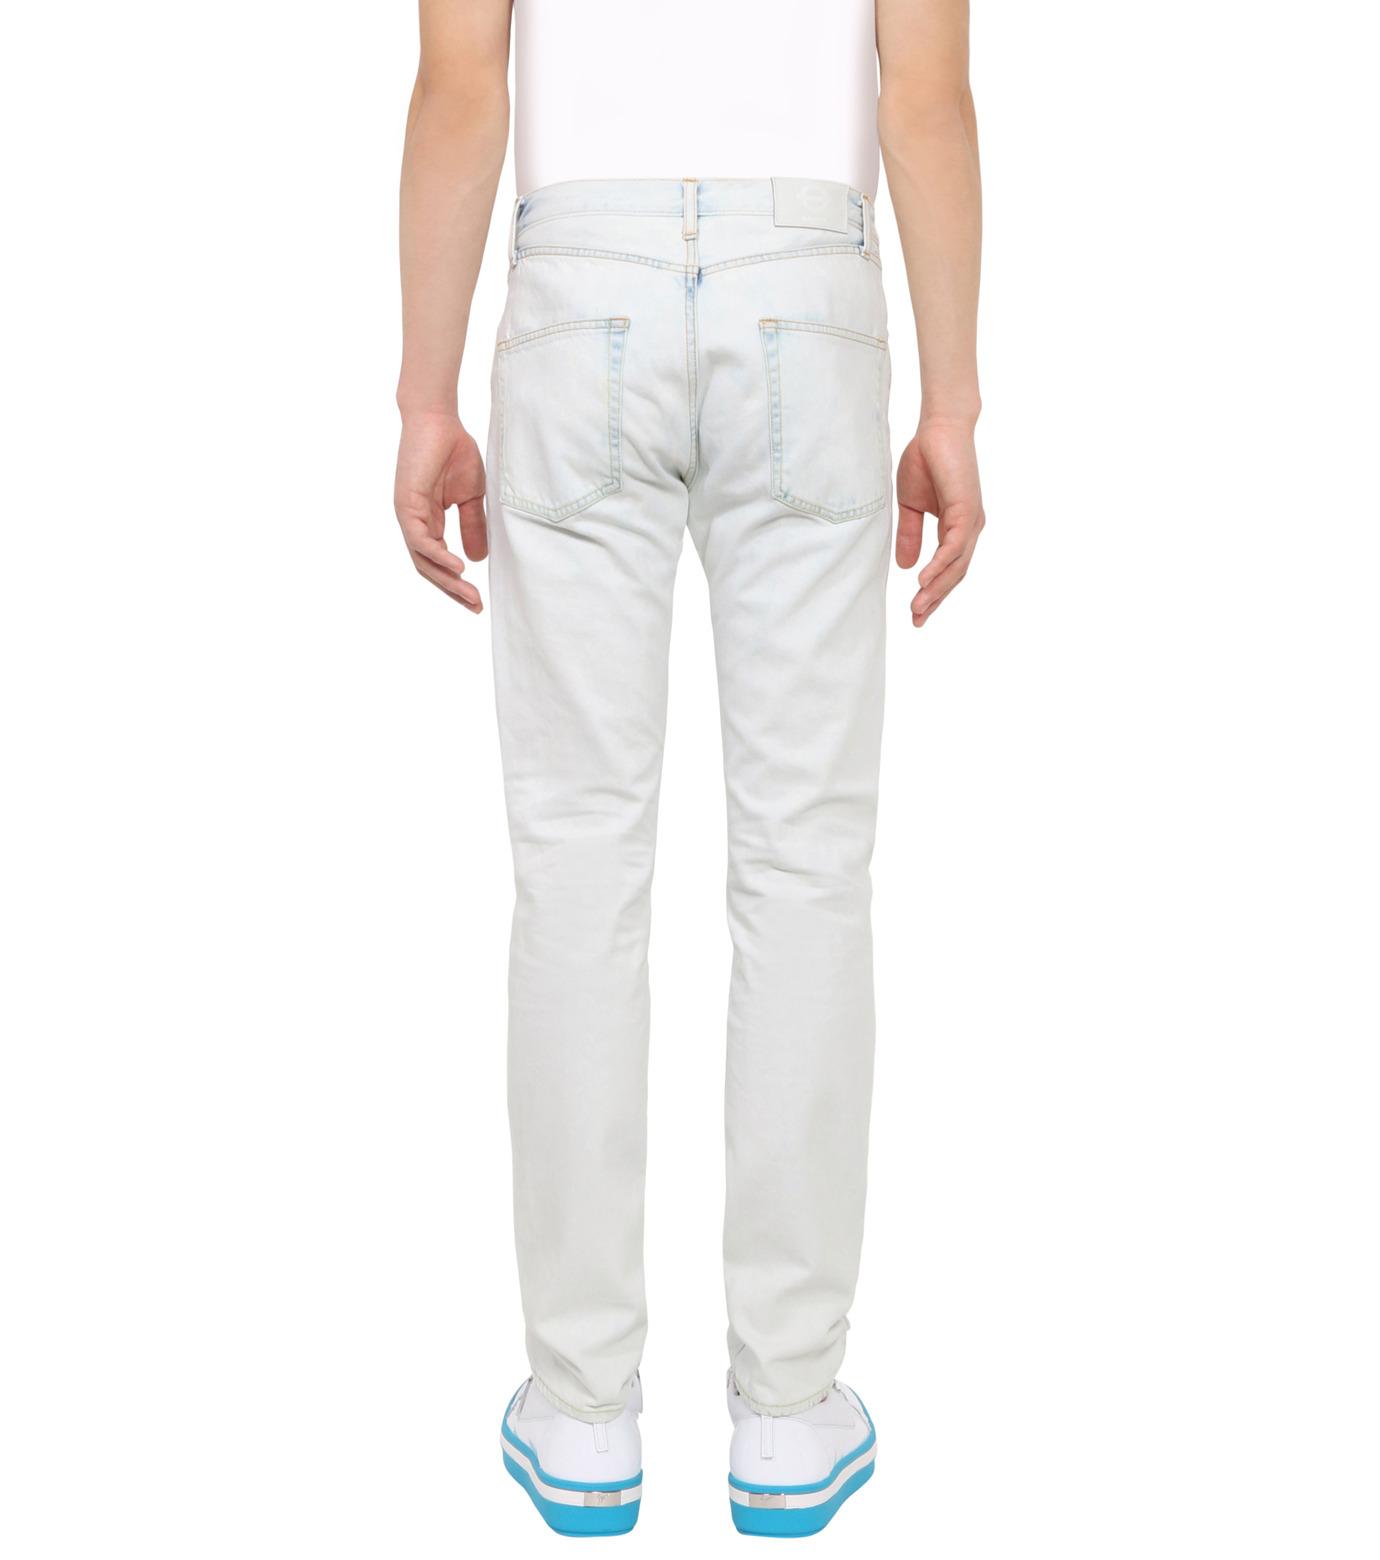 ROUNDEL LONDON(ラウンデル ロンドン)のSUBURBAN DNM-WHITE(パンツ/pants)-SMRLAM60057-4 拡大詳細画像2